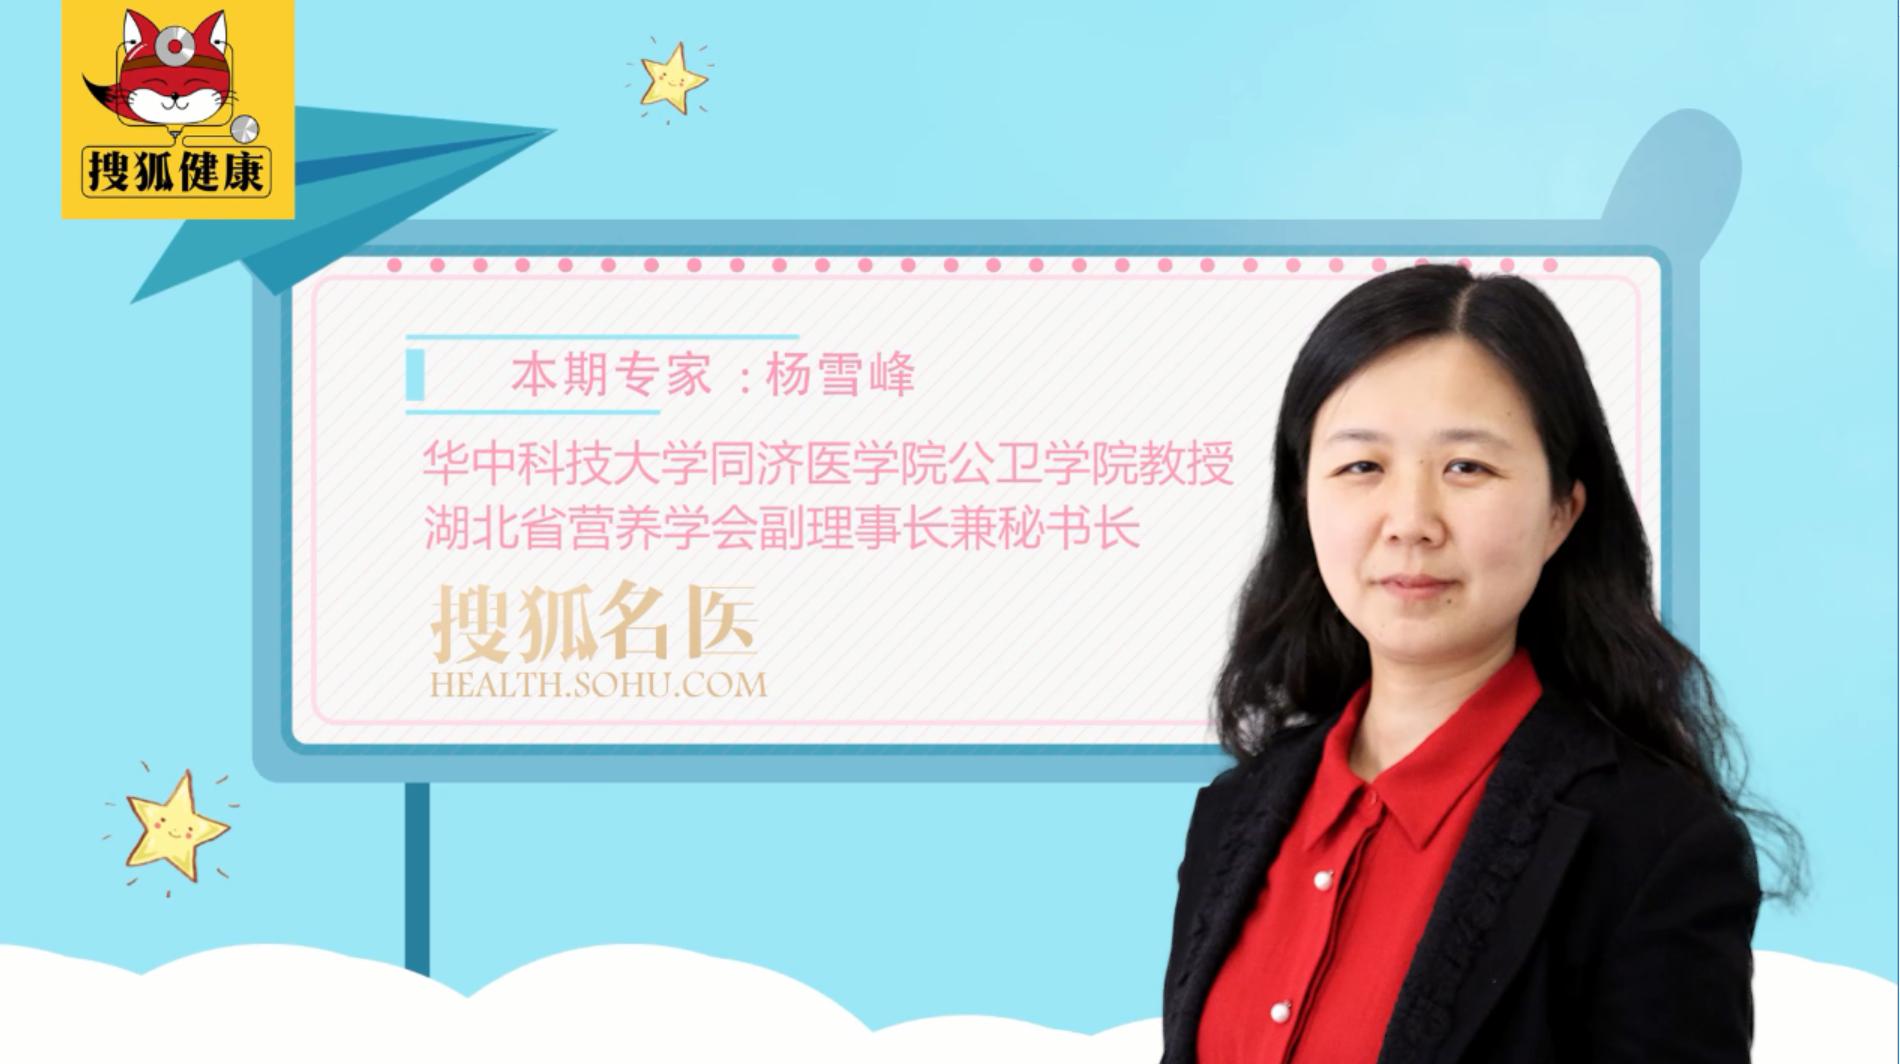 搜狐名医 | 同济杨雪锋:什么情况才补充益生菌,妈妈们真的搞清楚了吗?